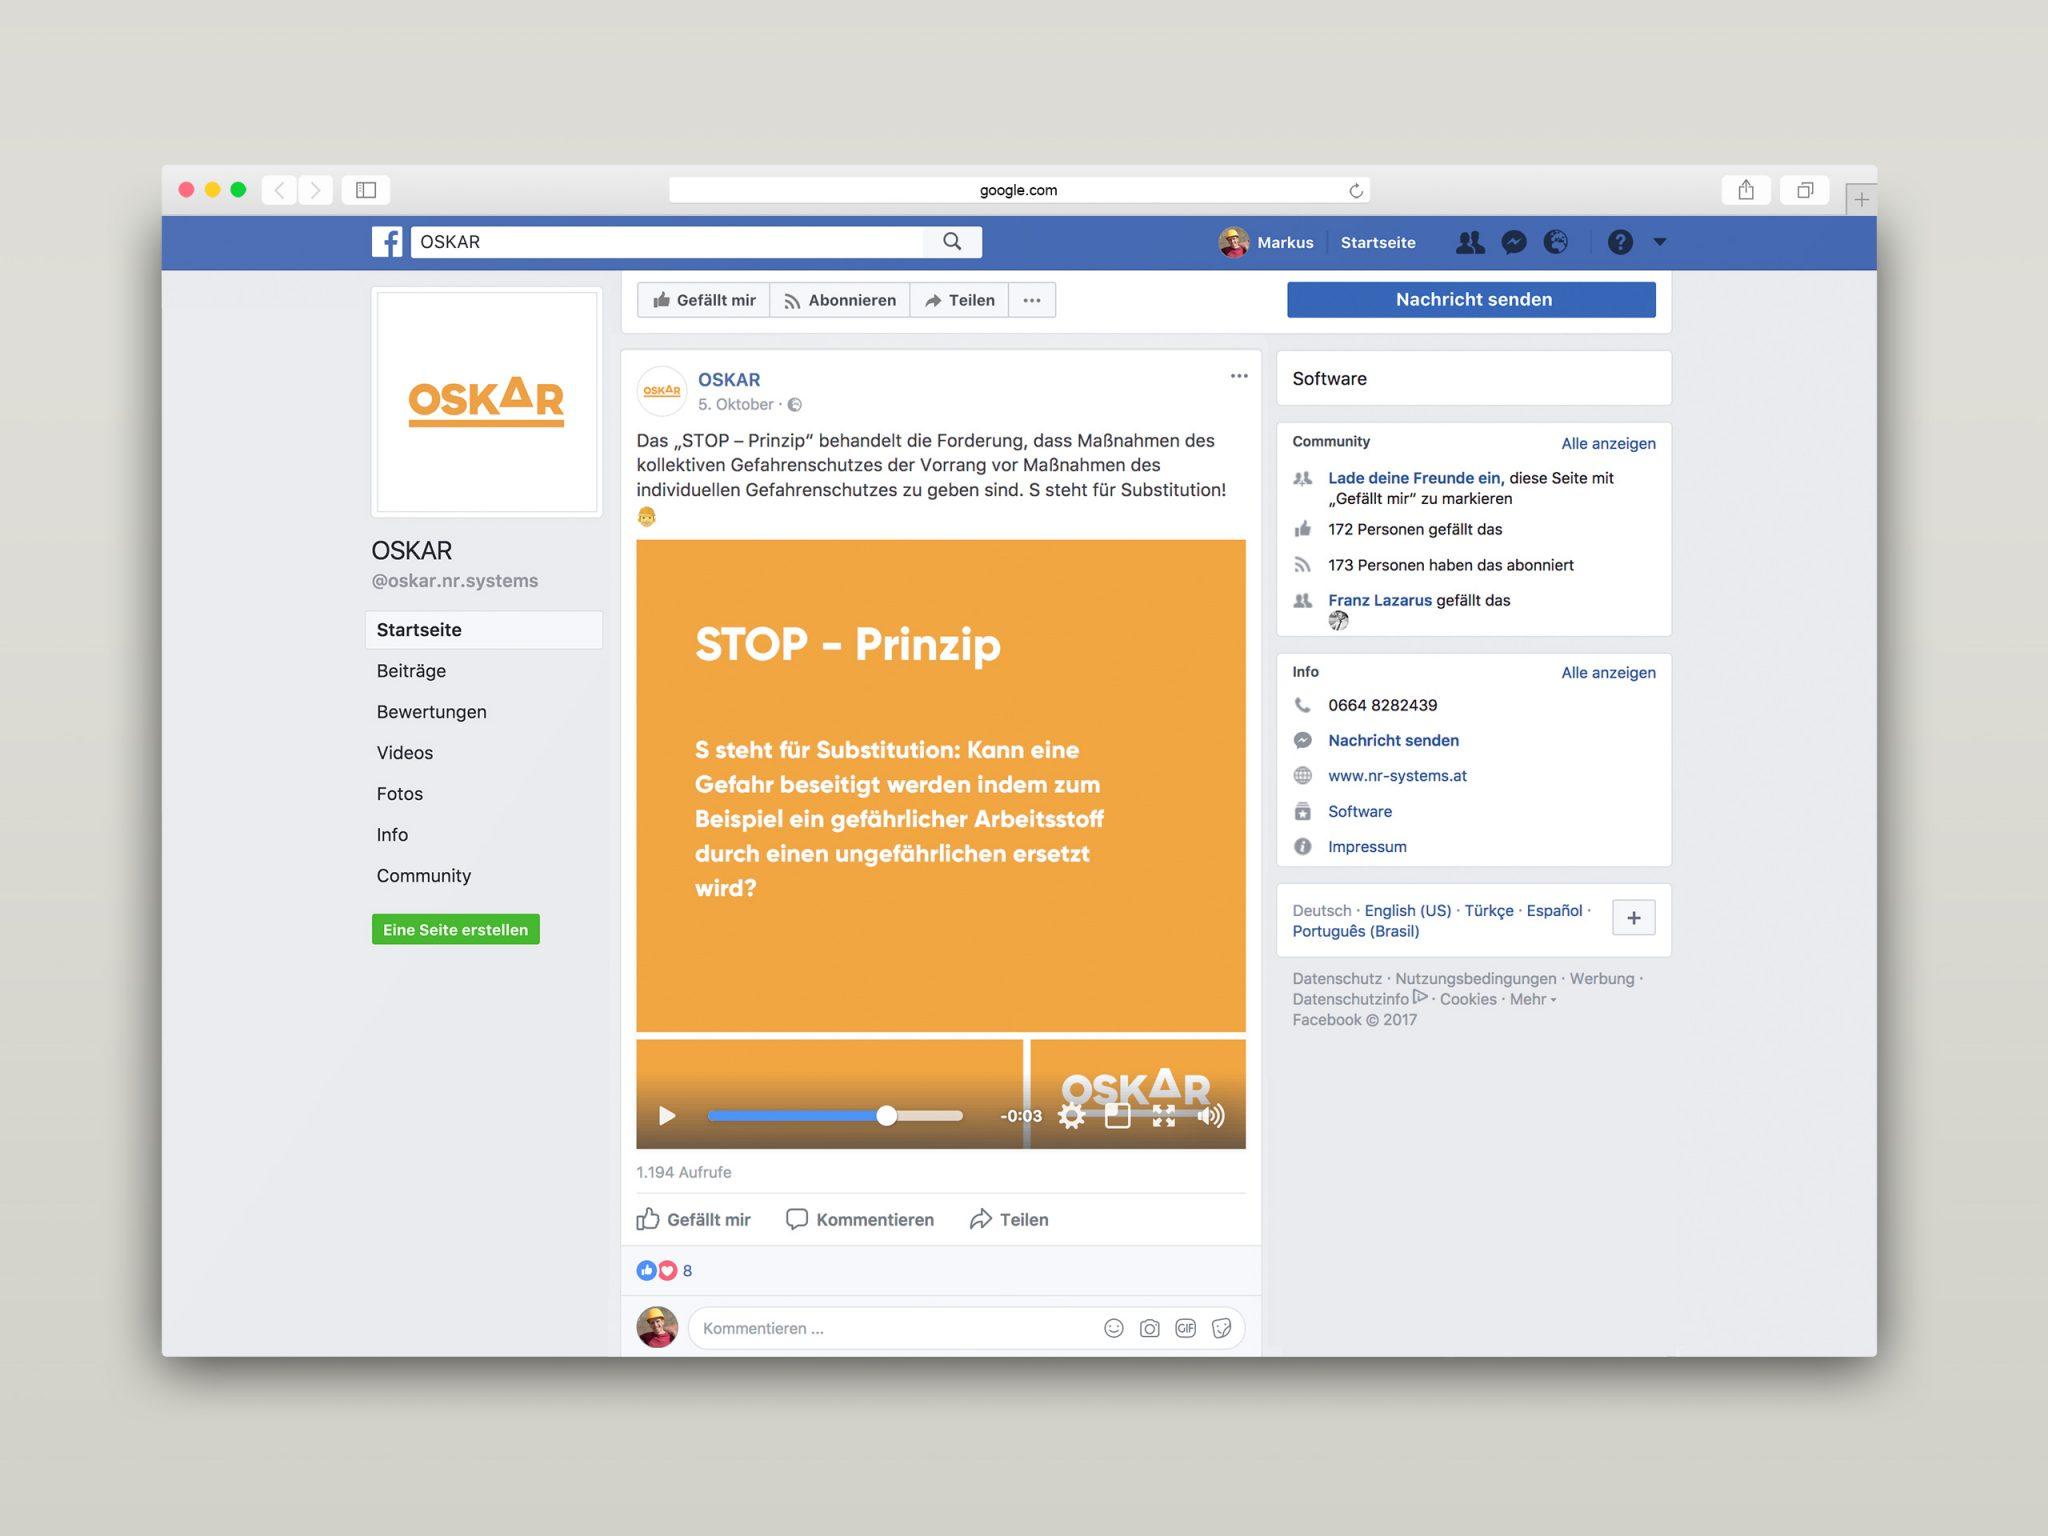 OSK-Facebook-Browser-02_content03